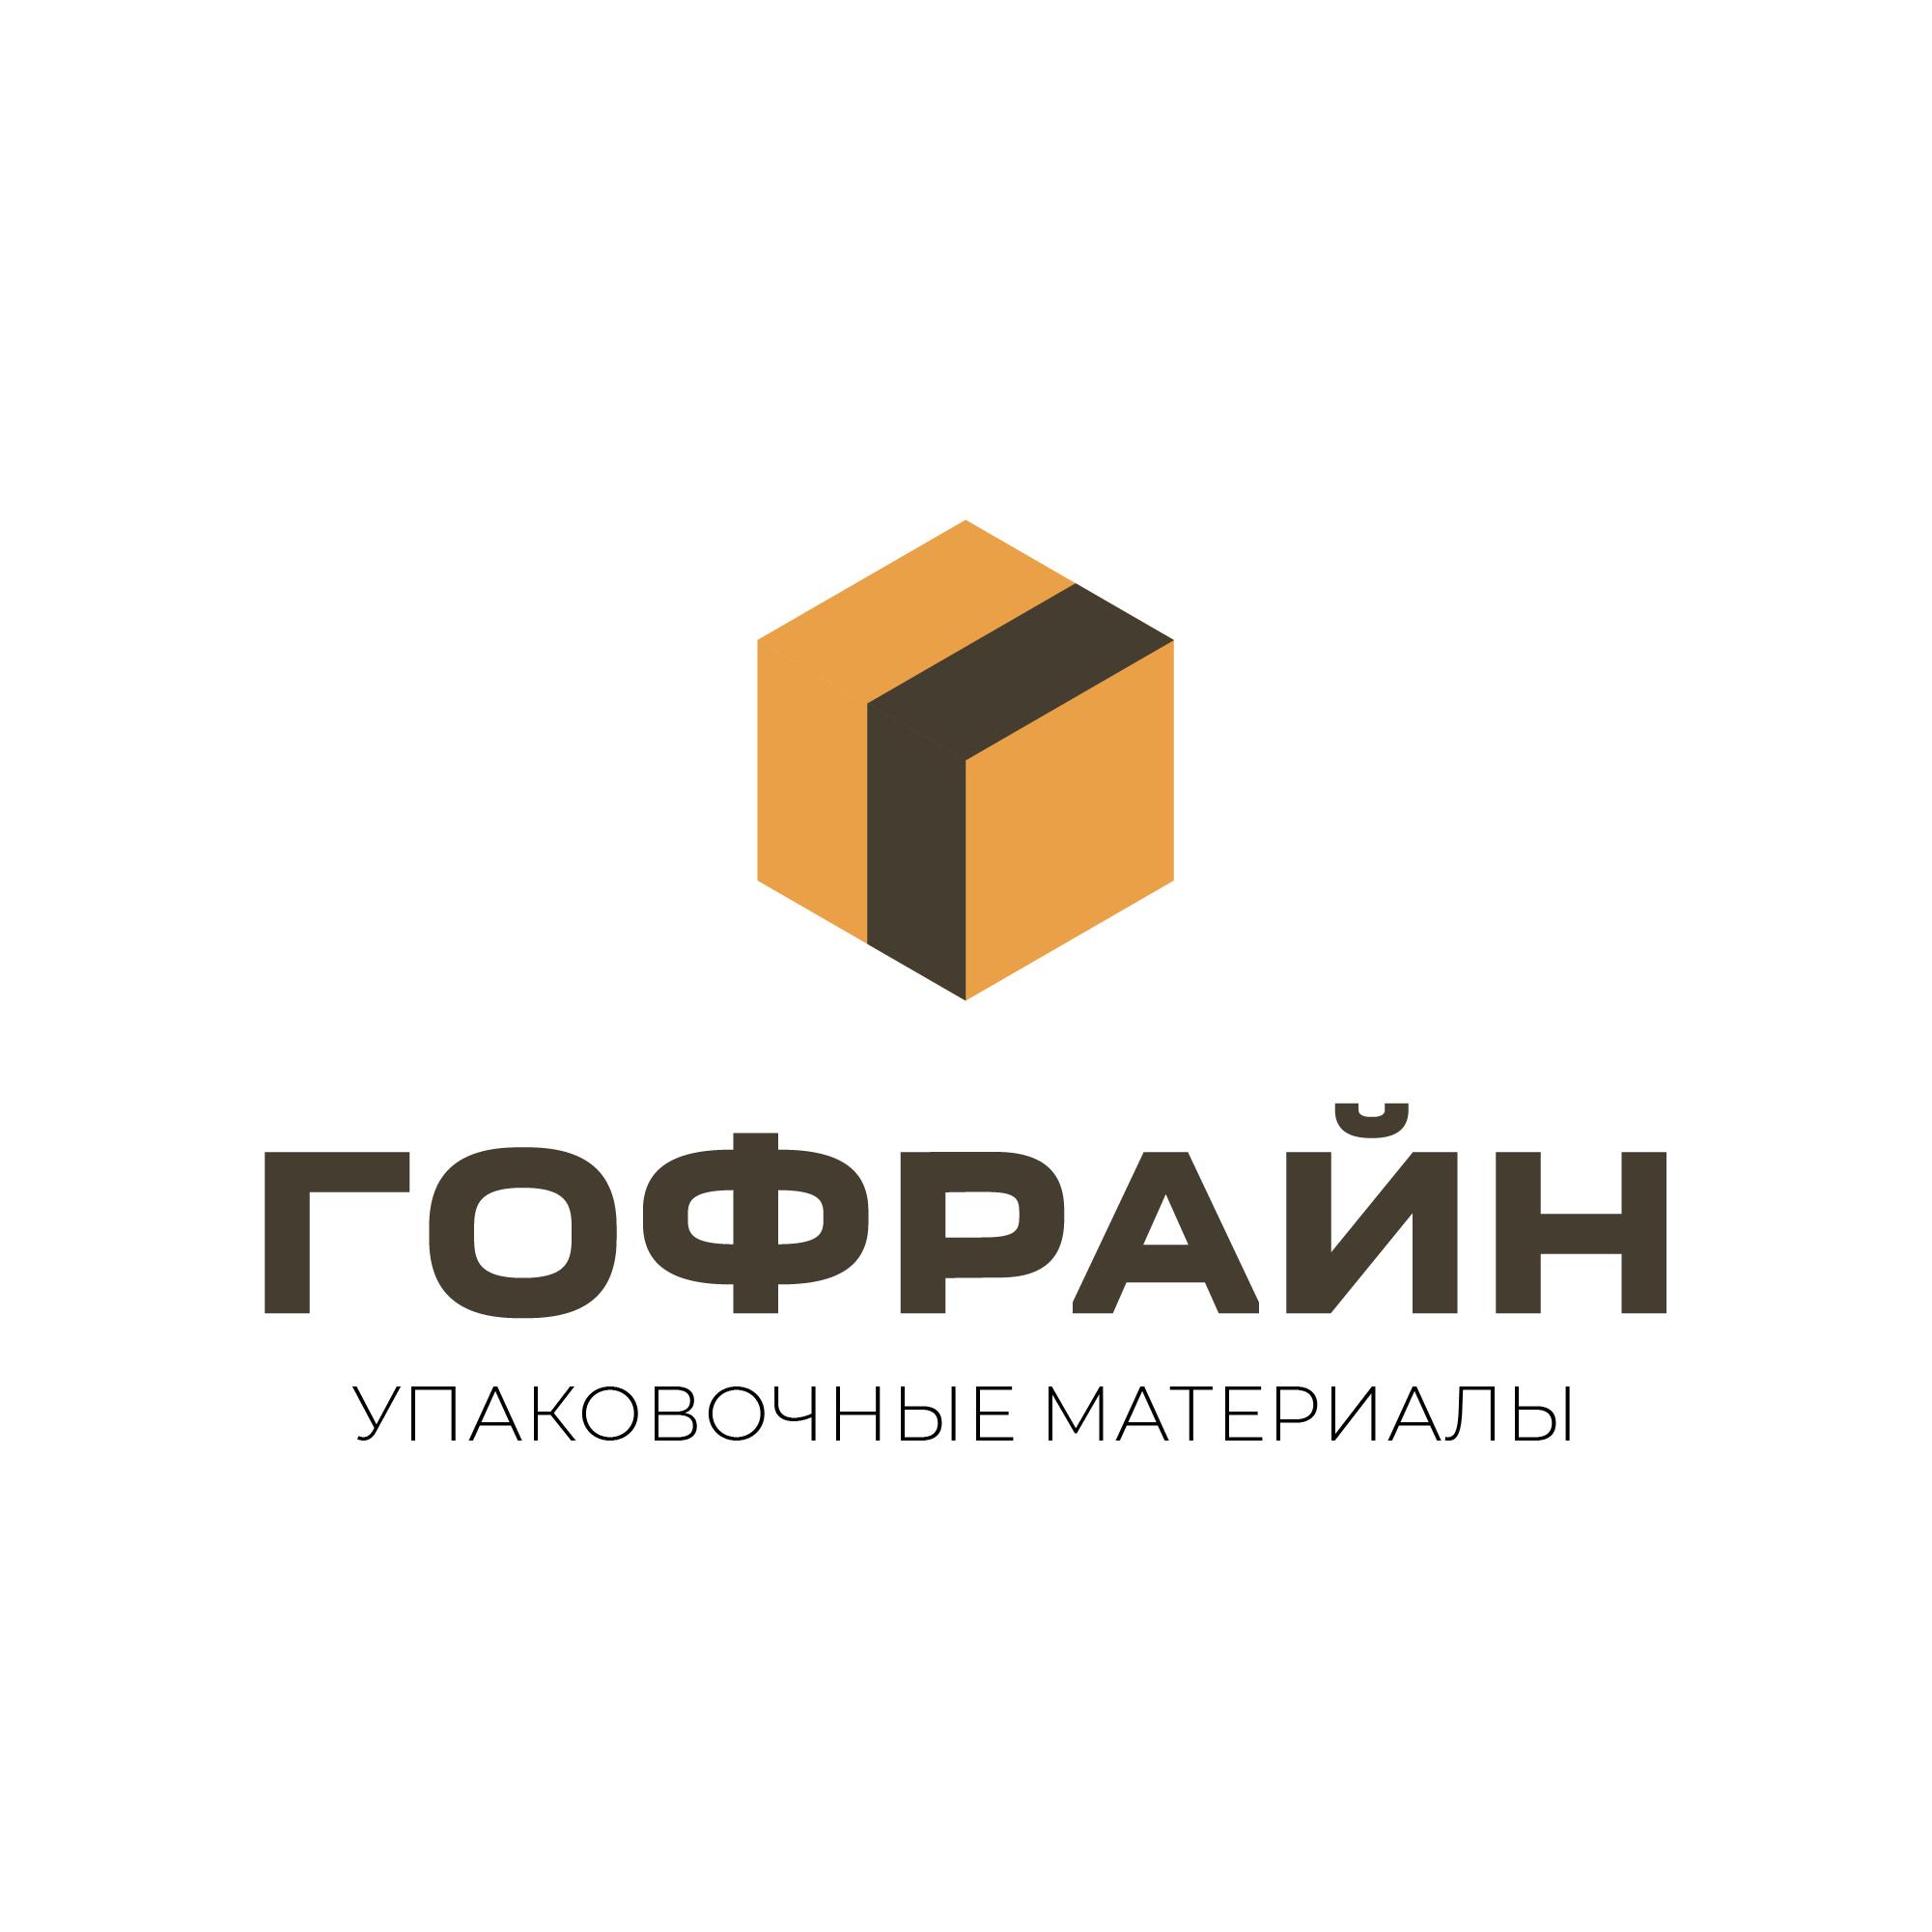 Логотип для компании по реализации упаковки из гофрокартона фото f_3885cdd6ad3c8580.jpg